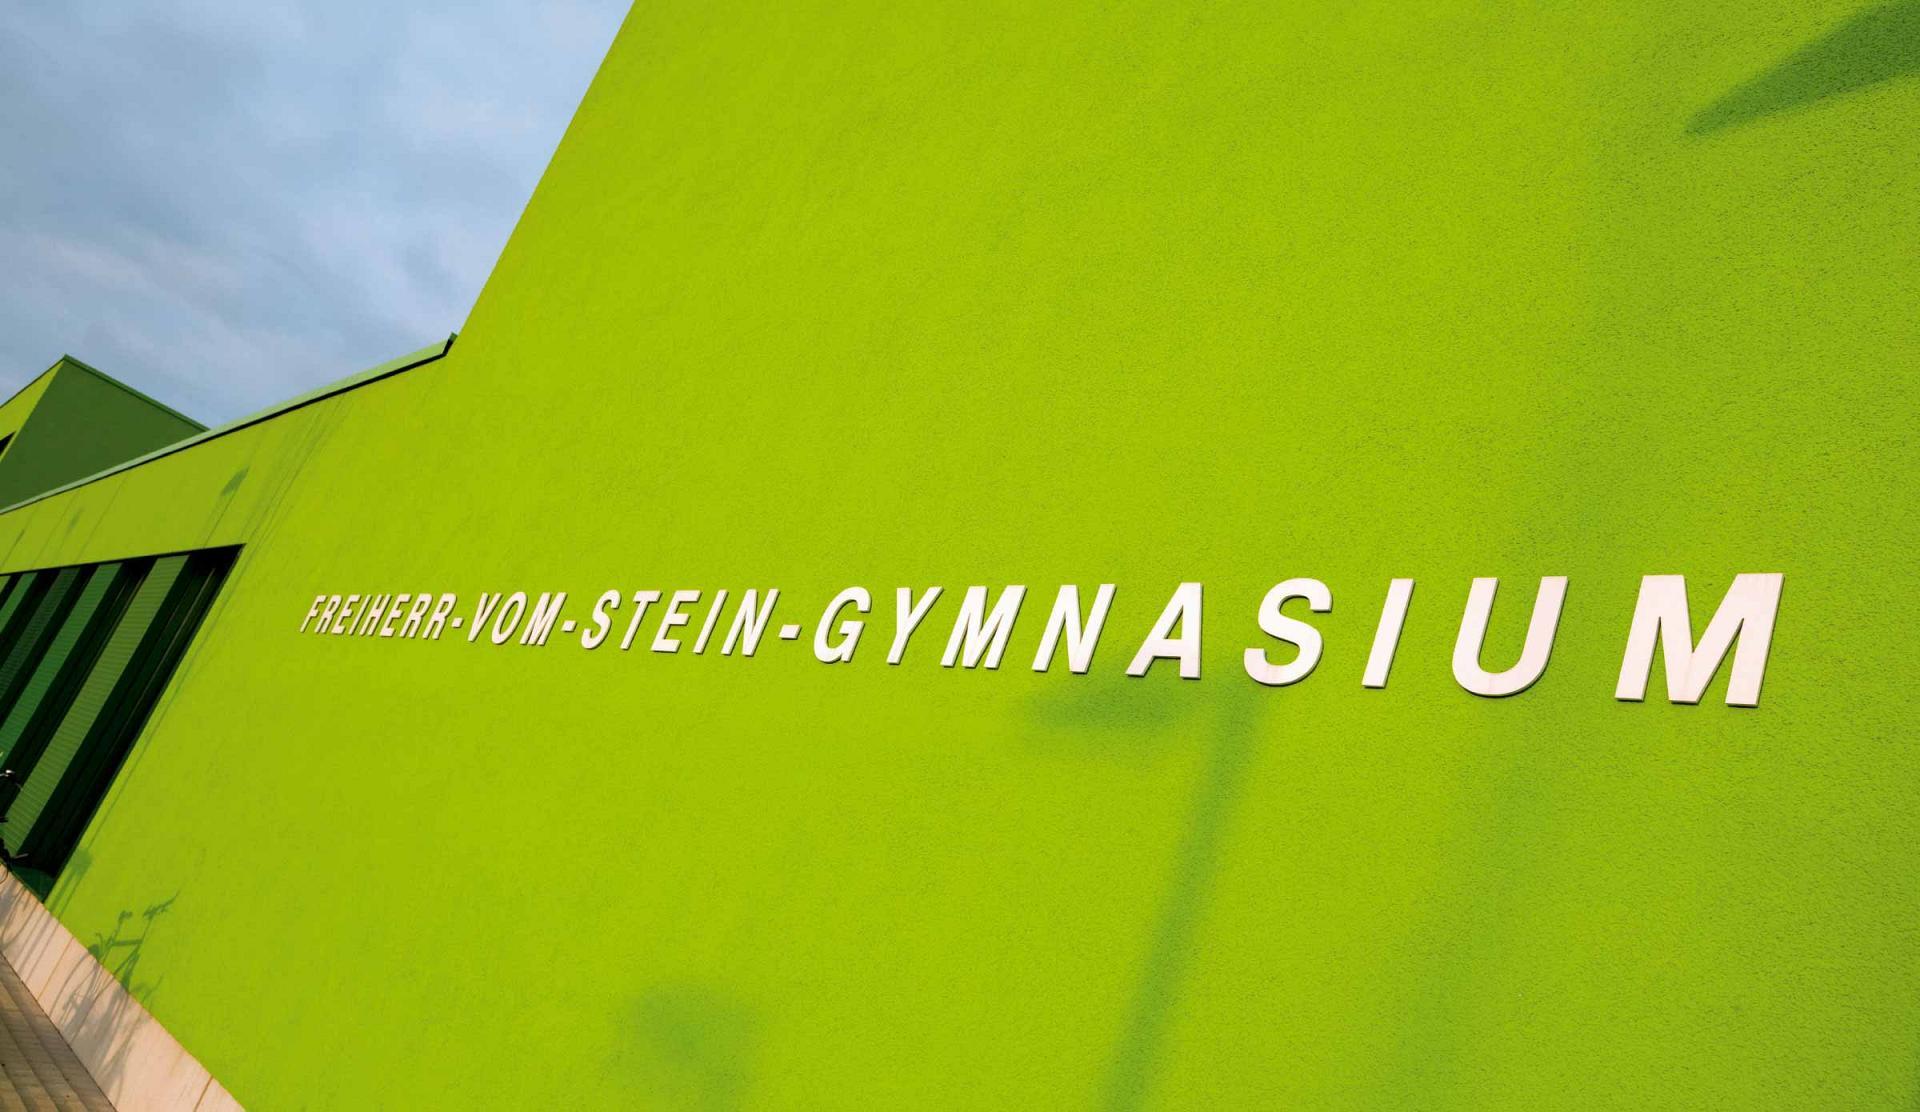 Freiherr-vom-Stein-Gymnasium - Münster, Duitsland